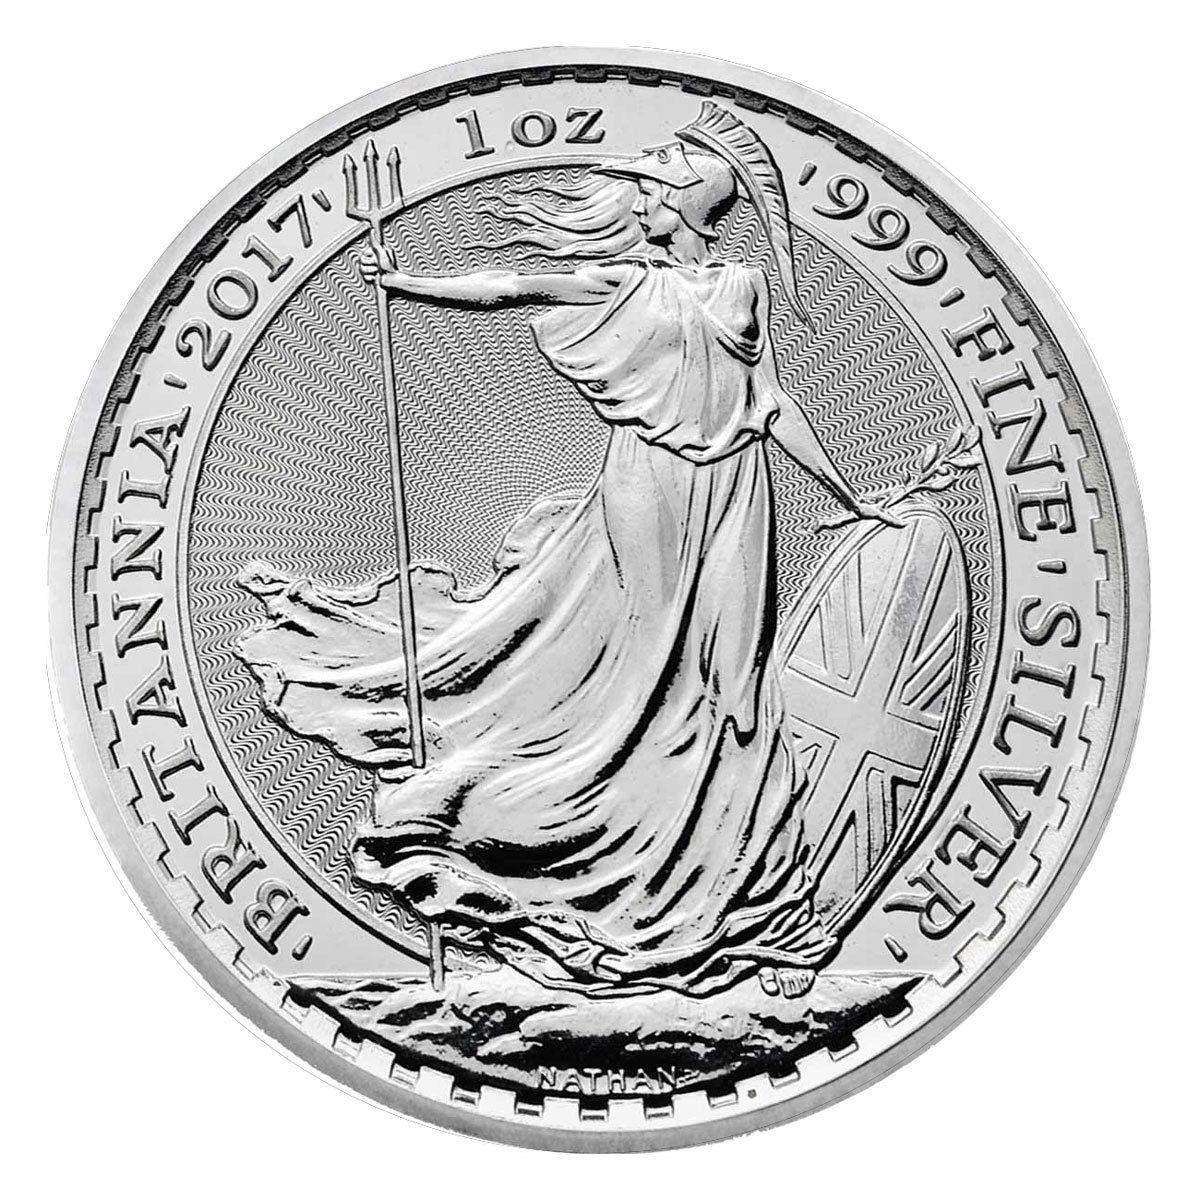 Buy 2017 Silver Britannia Coins Online 1 Oz 999 L Dbs Coins